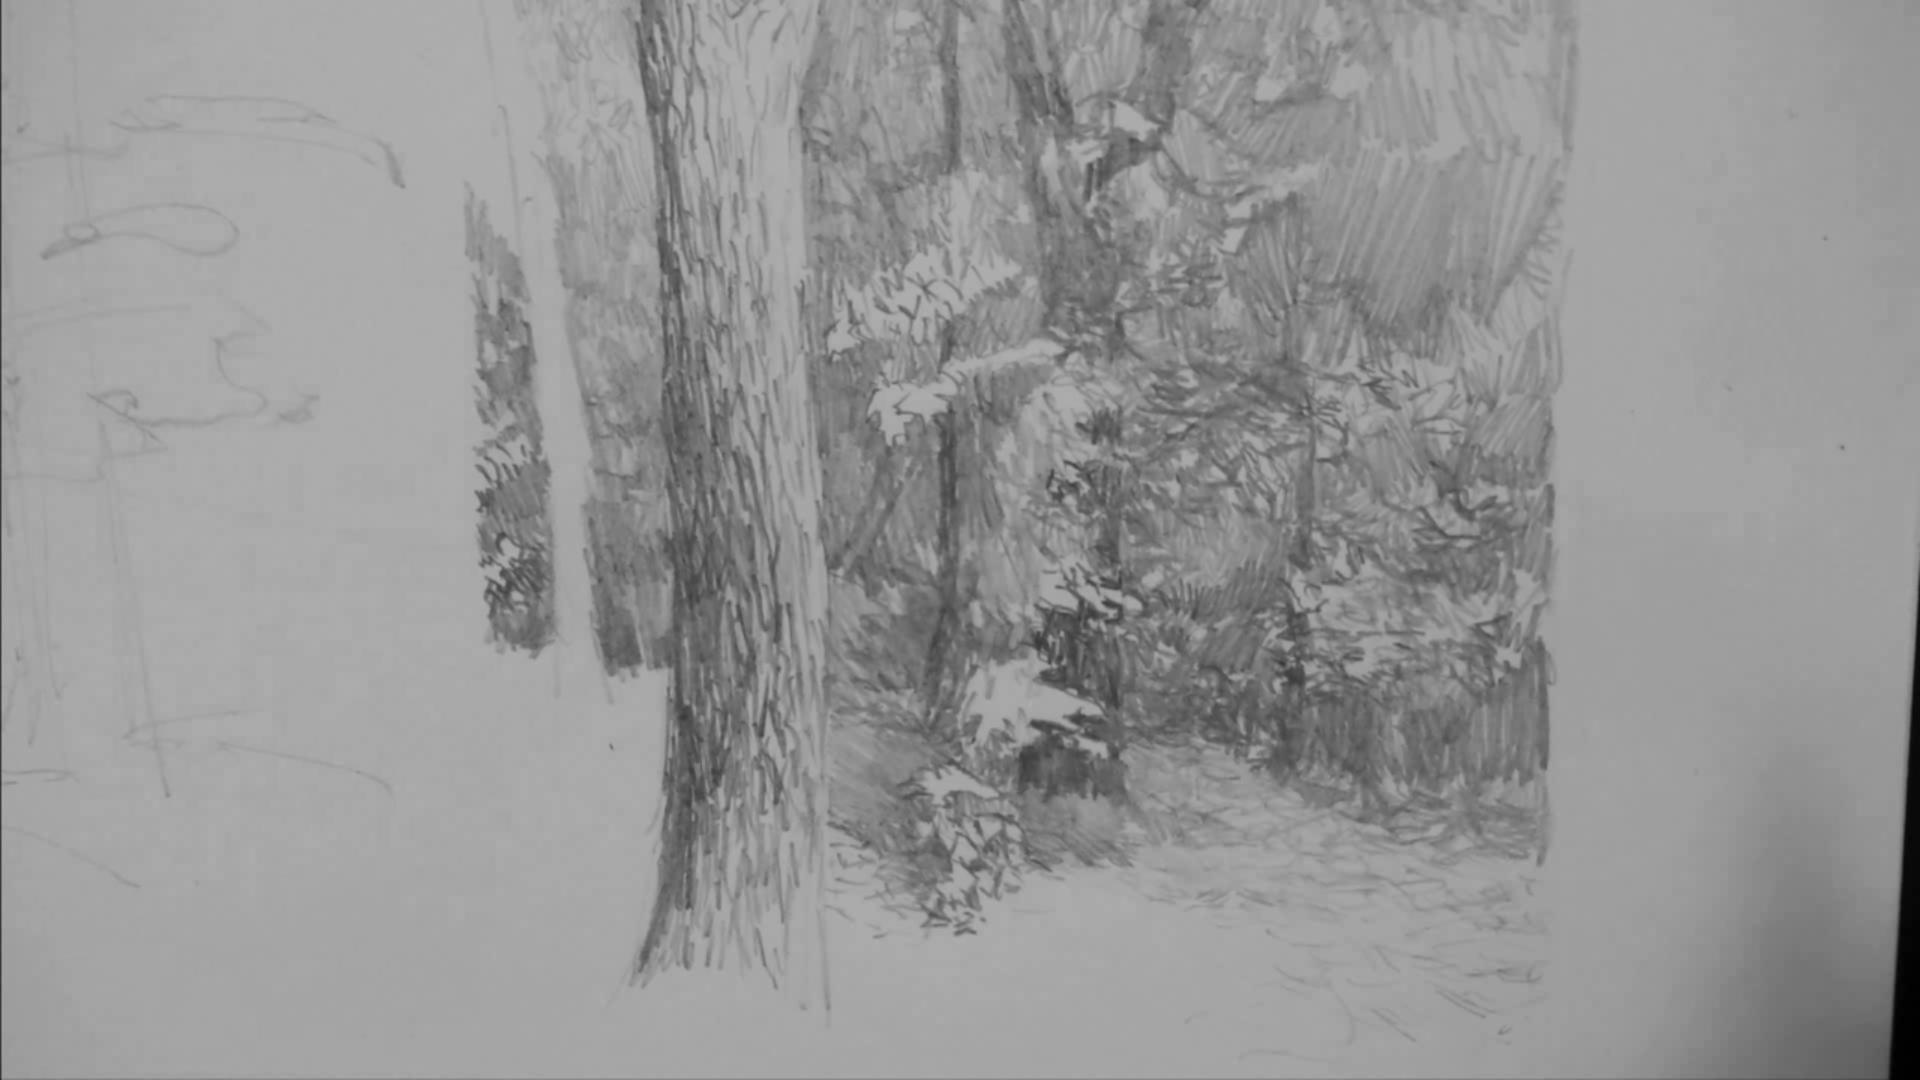 002 Рисунок карандашом_В лесу